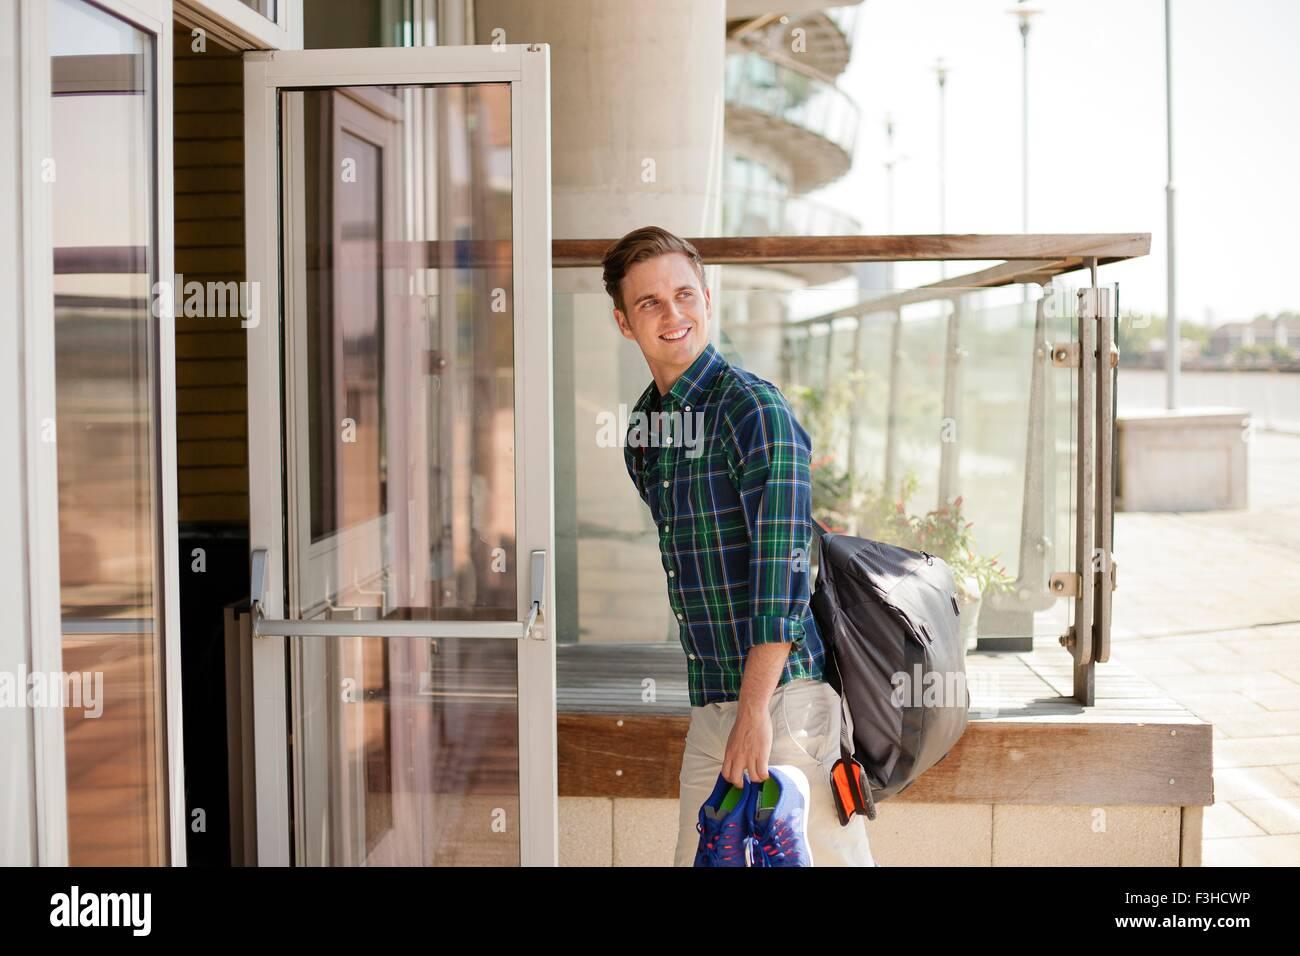 El hombre entrando en el centro de deportes, Wapping, Londres Imagen De Stock